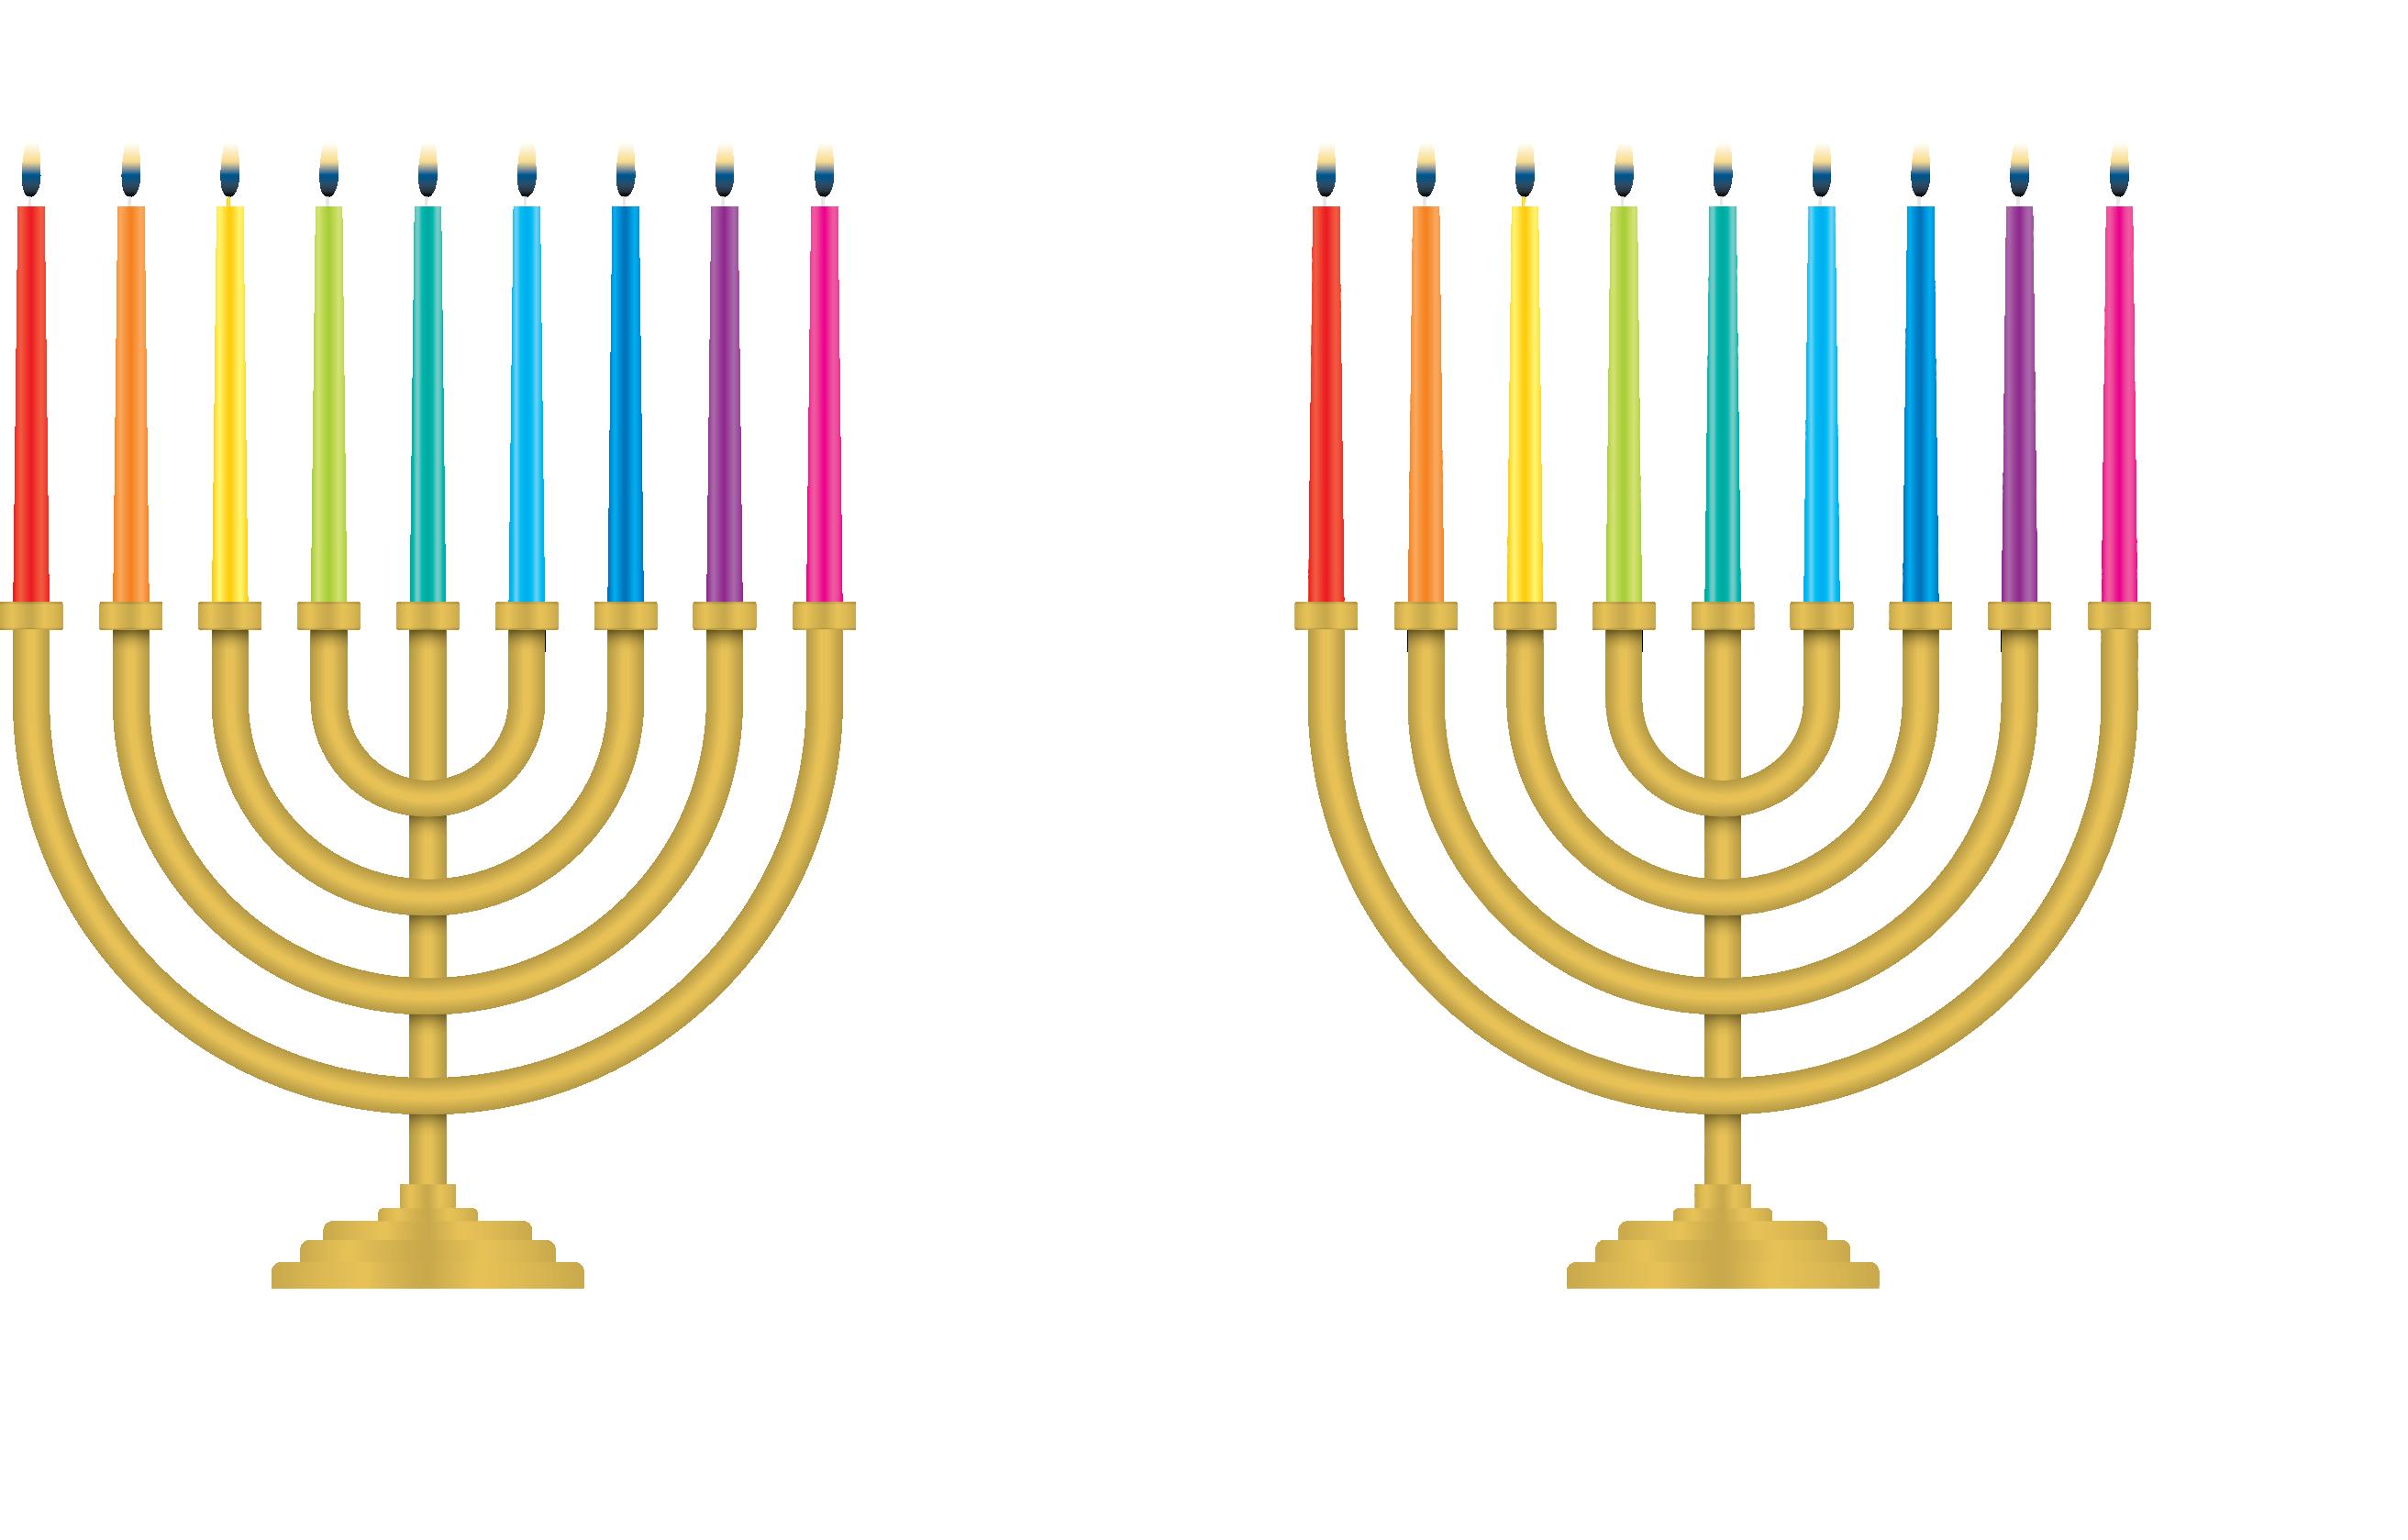 Hanukkah Png Images Free Download